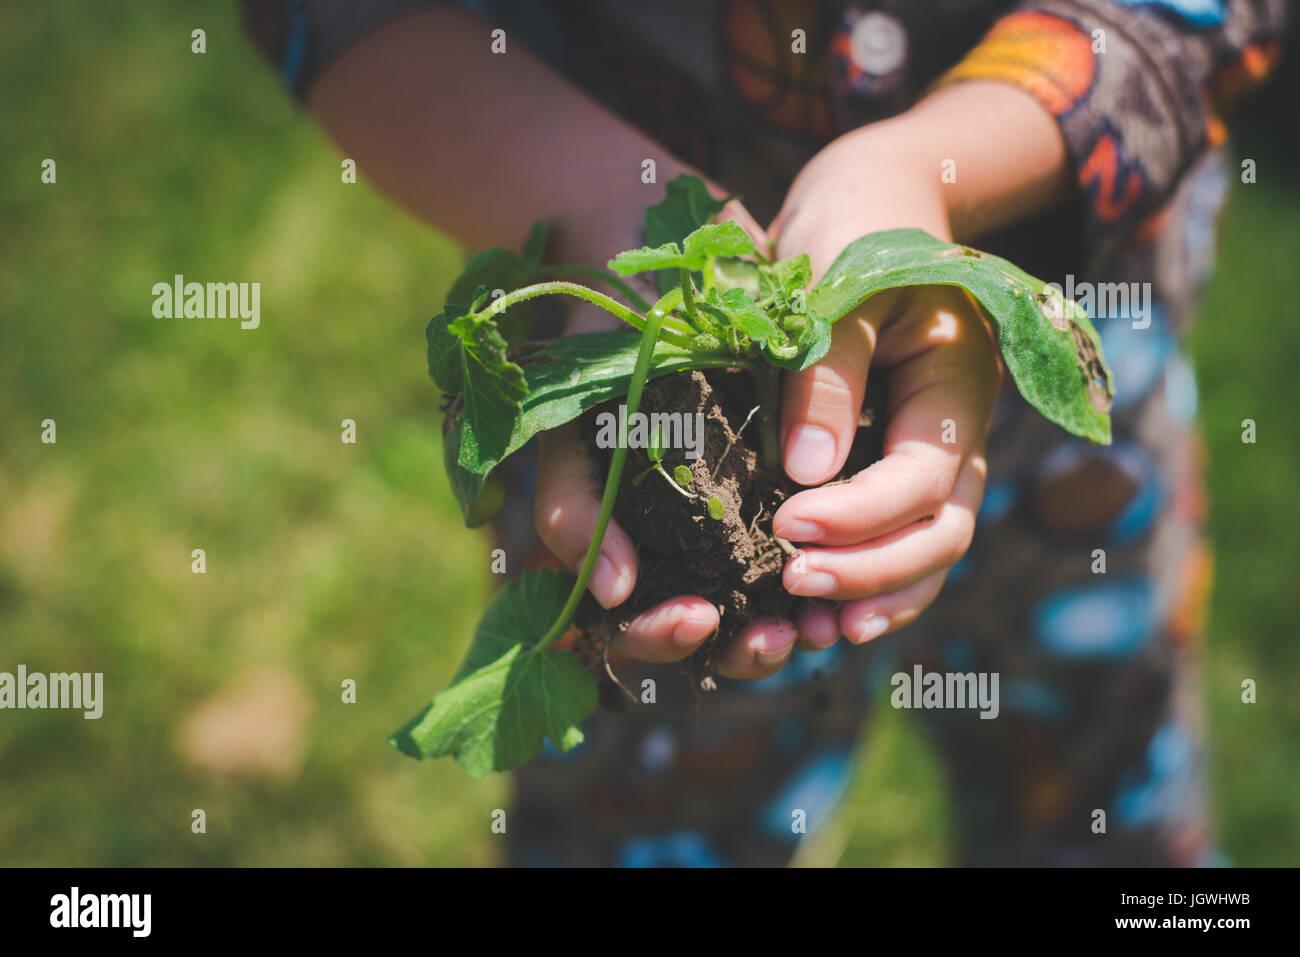 Eines Kindes Hände halten eine Pflanze mit Boden unter ihm. Stockbild